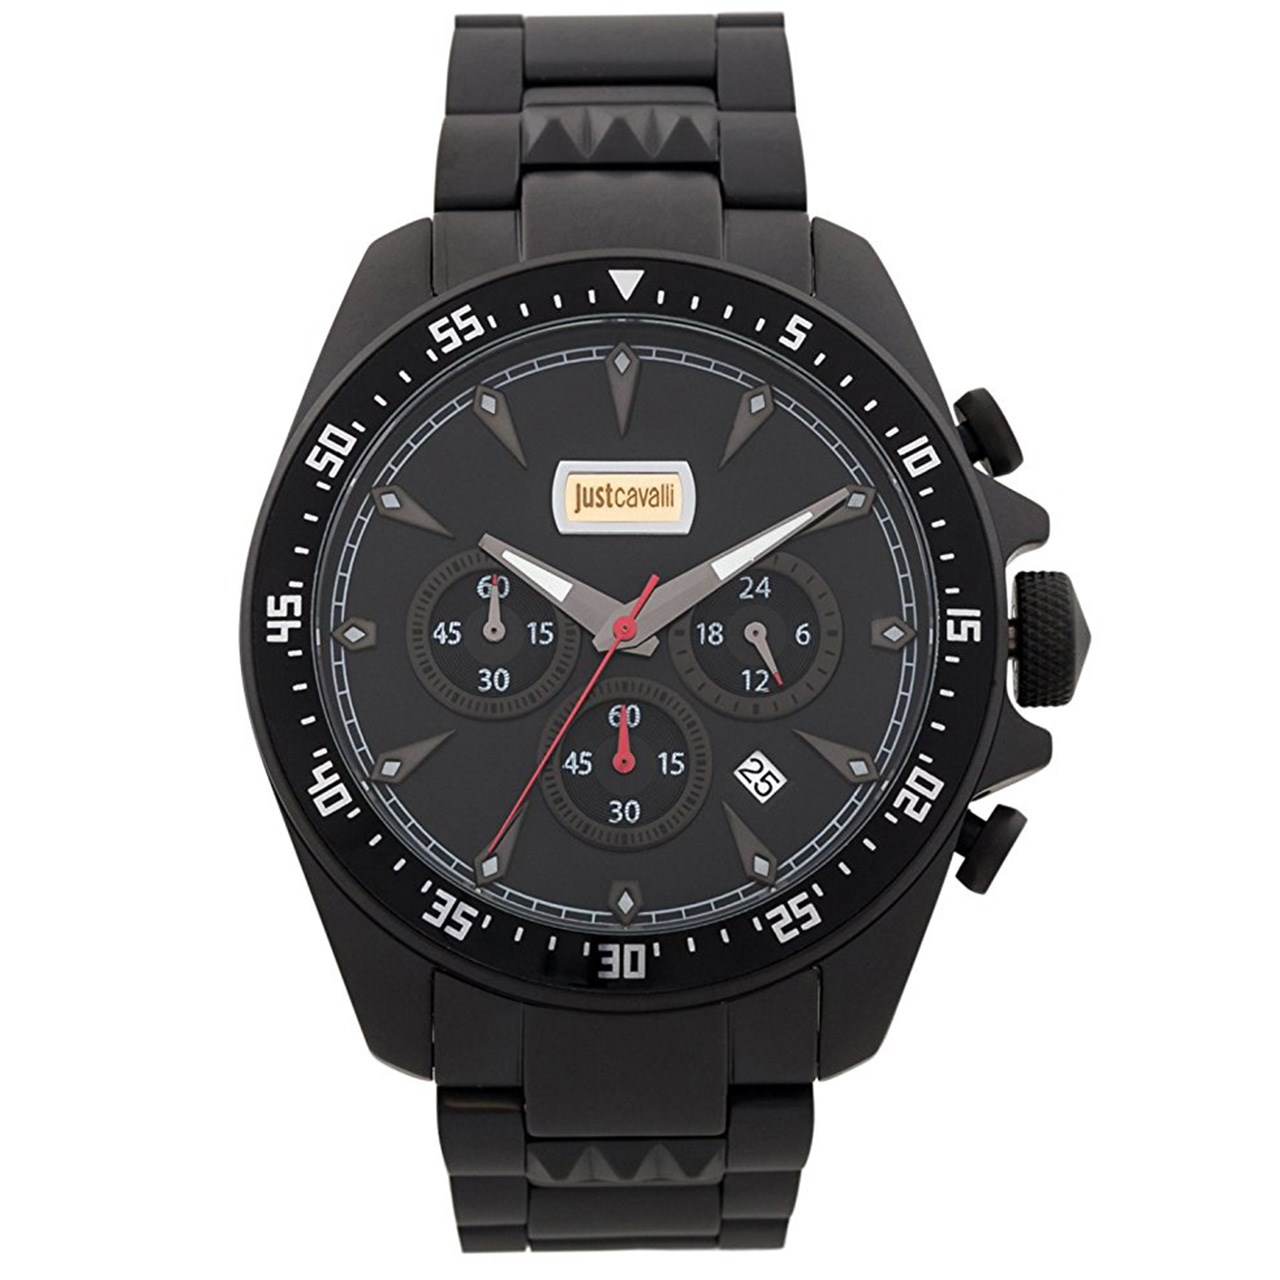 ساعت مچی عقربه ای مردانه جاست کاوالی مدل JC1G013M0065 32